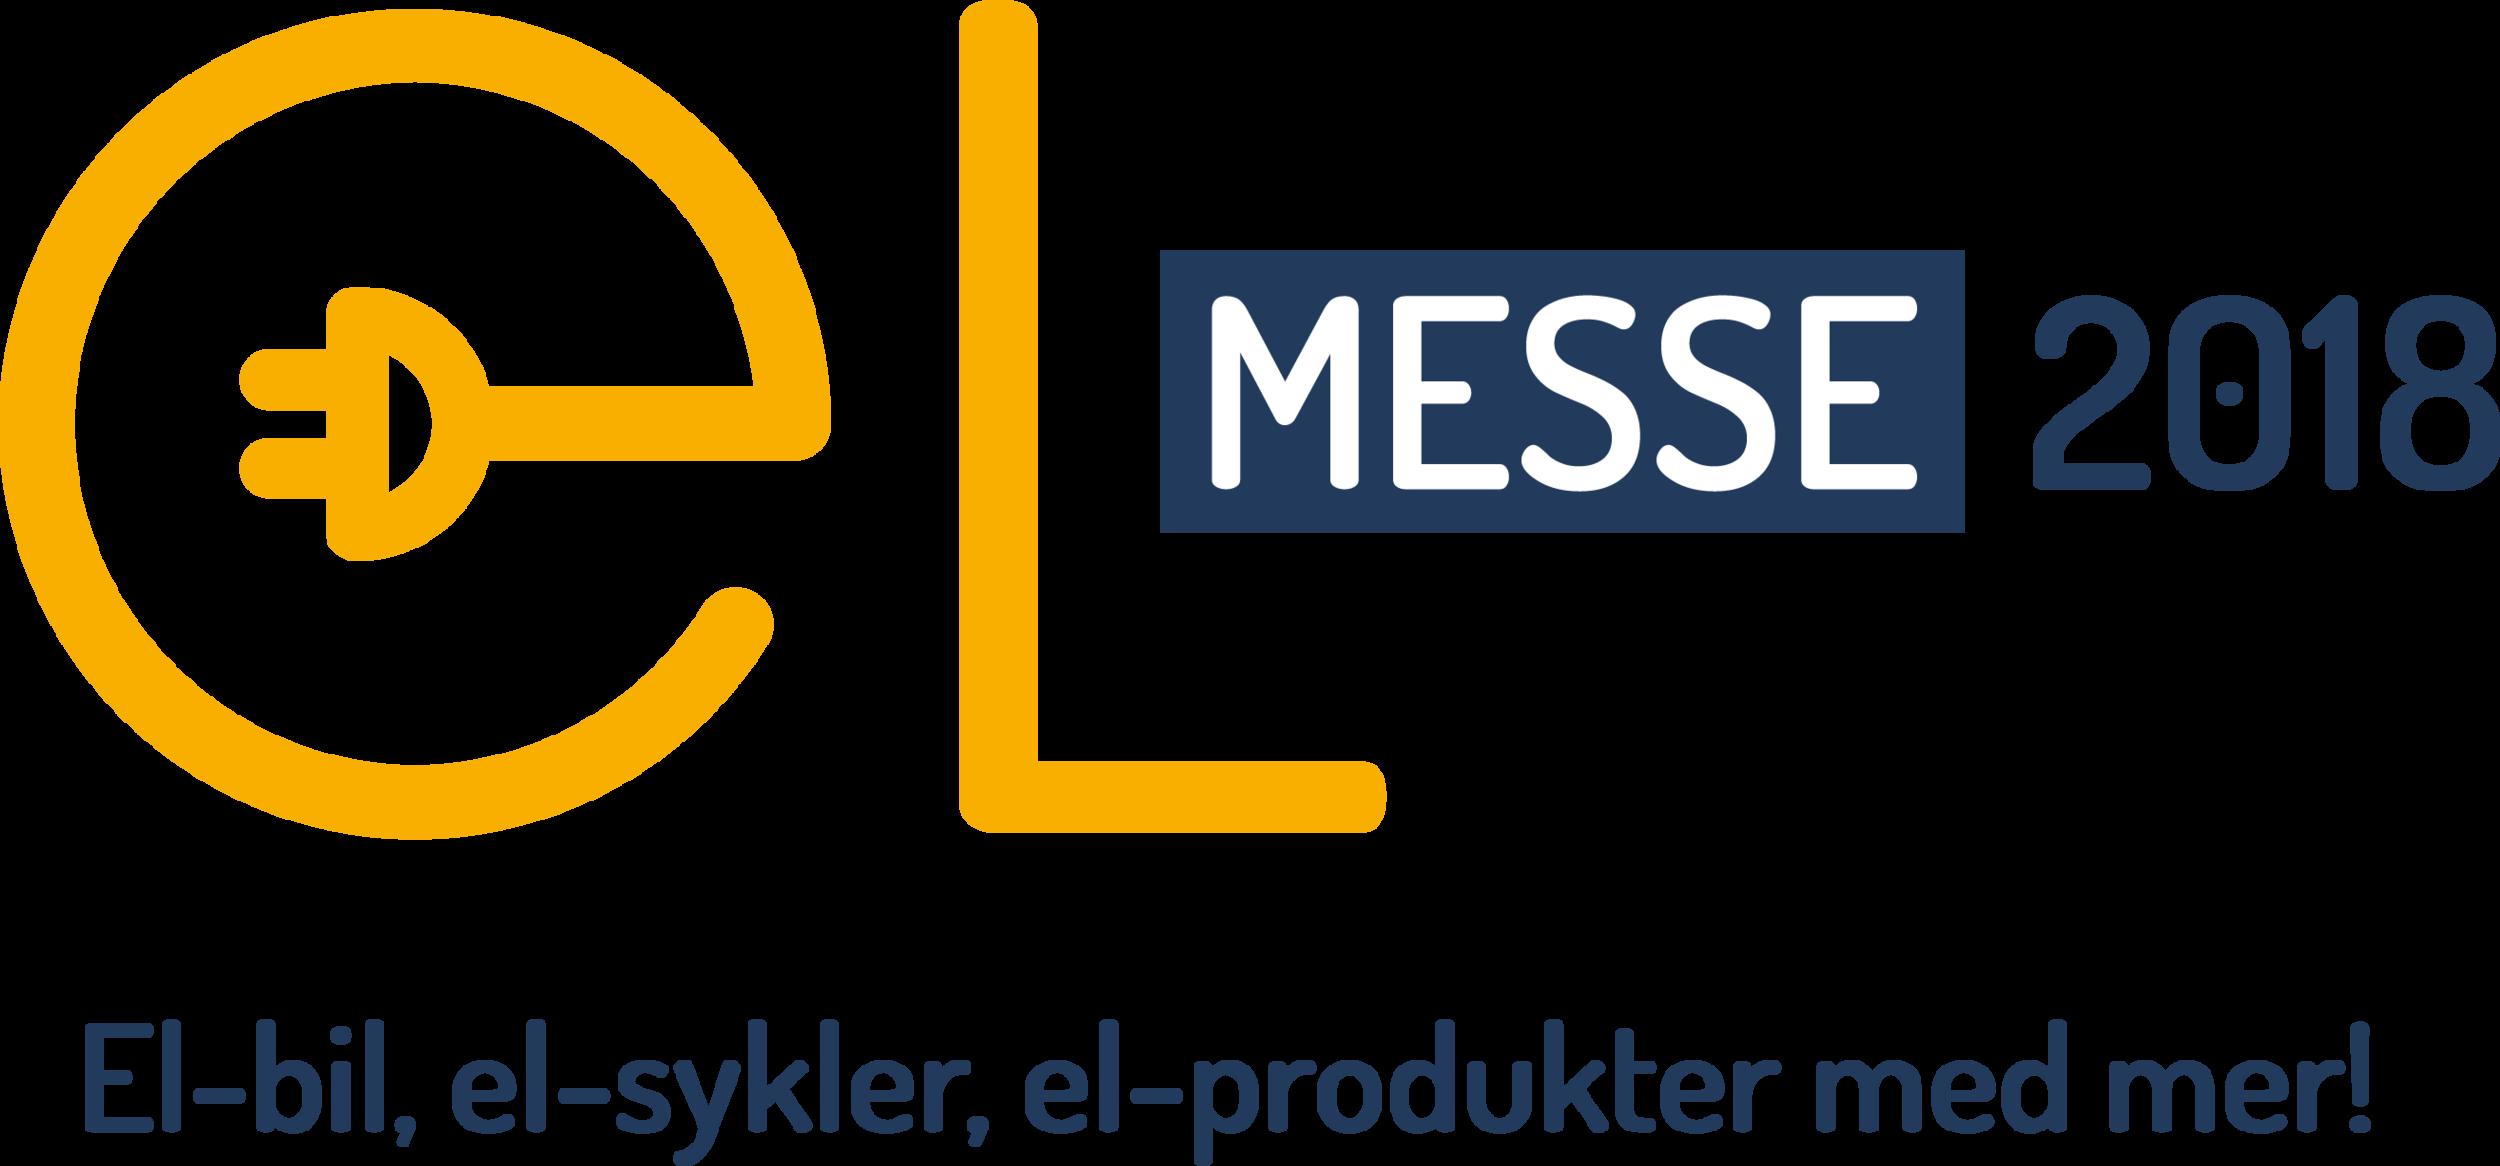 Logo-EL-messe-undertekst.png